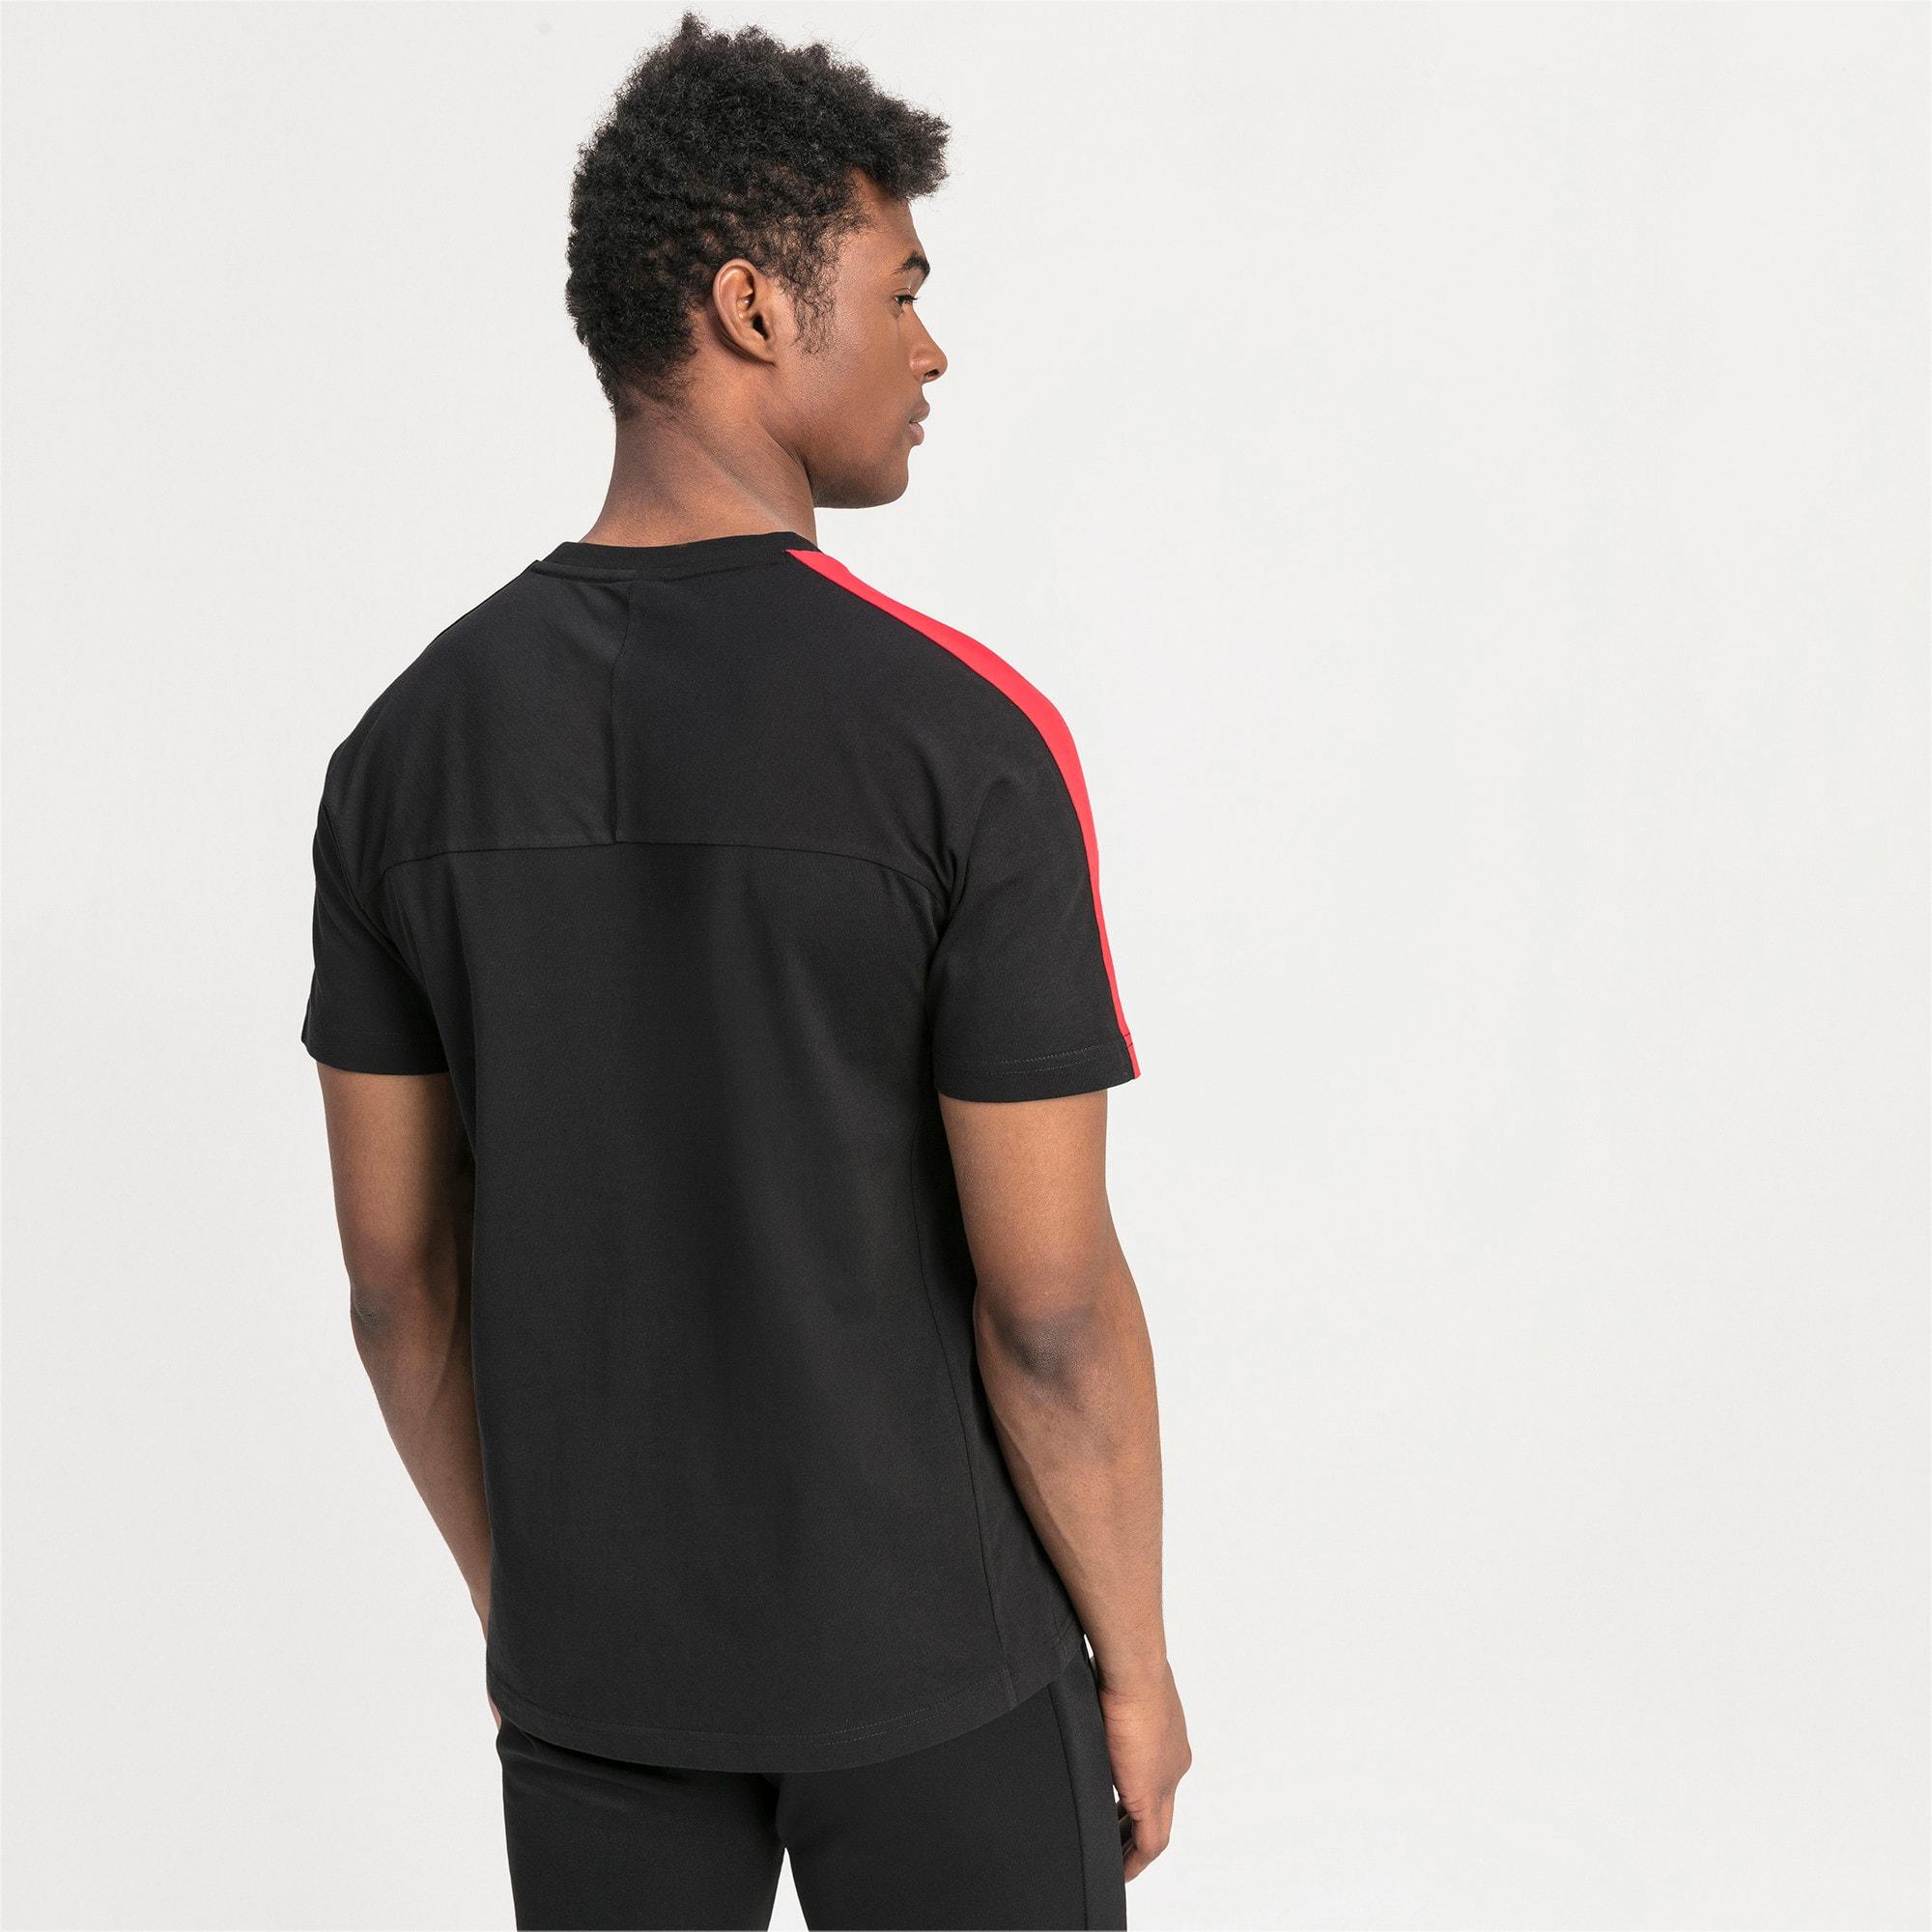 Thumbnail 2 of T-shirt Scuderia Ferrari T7 uomo, Puma Black, medium